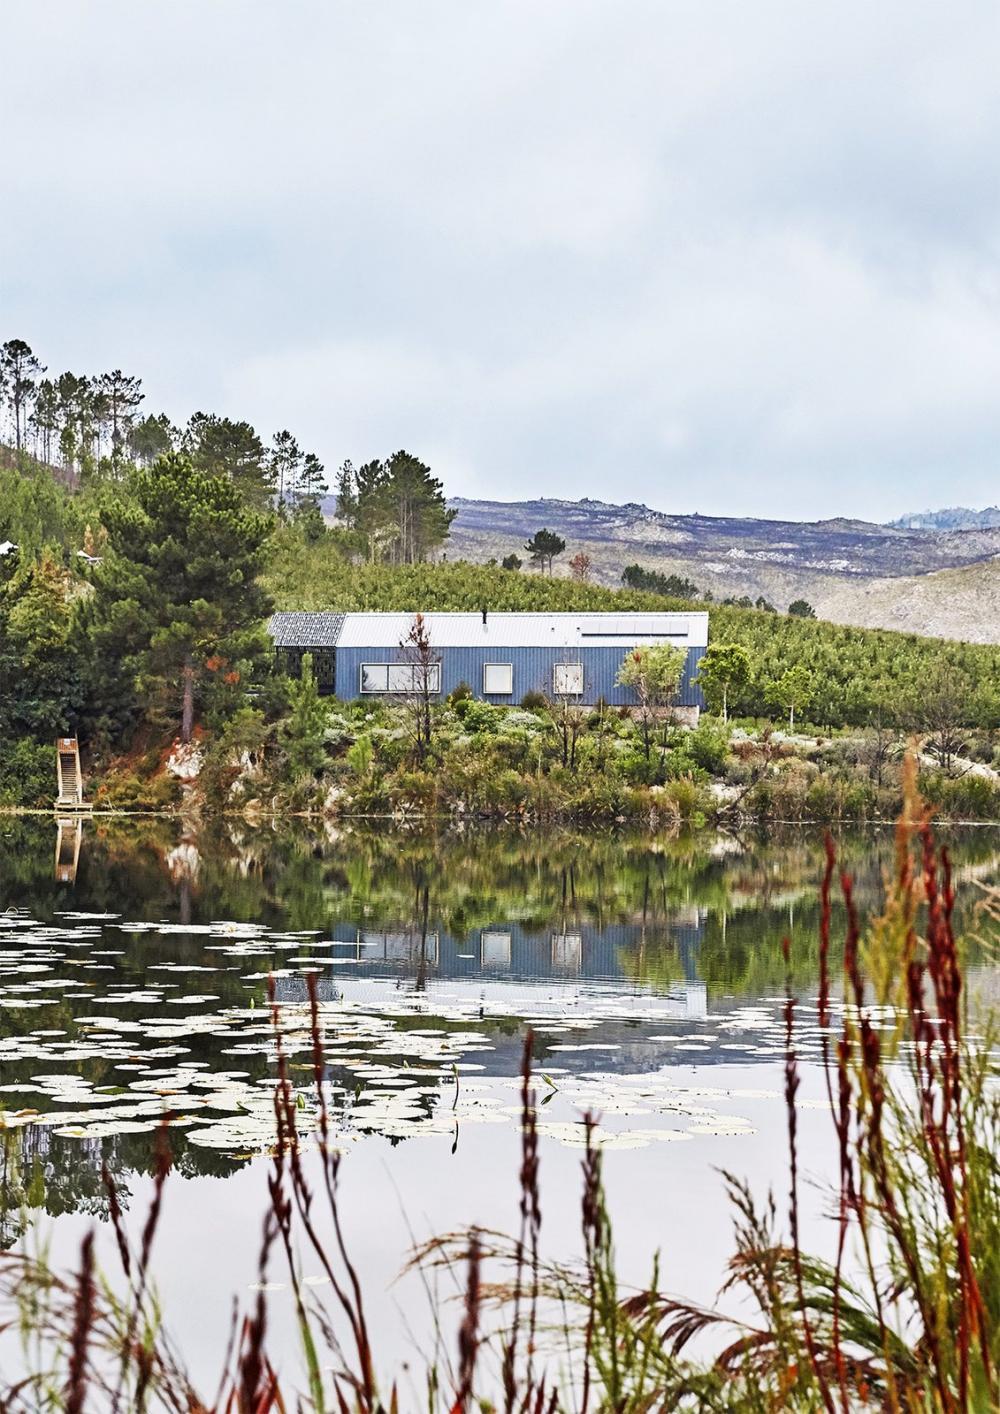 Hồ nước rộng 2 mẫu Anh mang lại ngoại cảnh yên bình, tĩnh lặng cho ngôi nhà